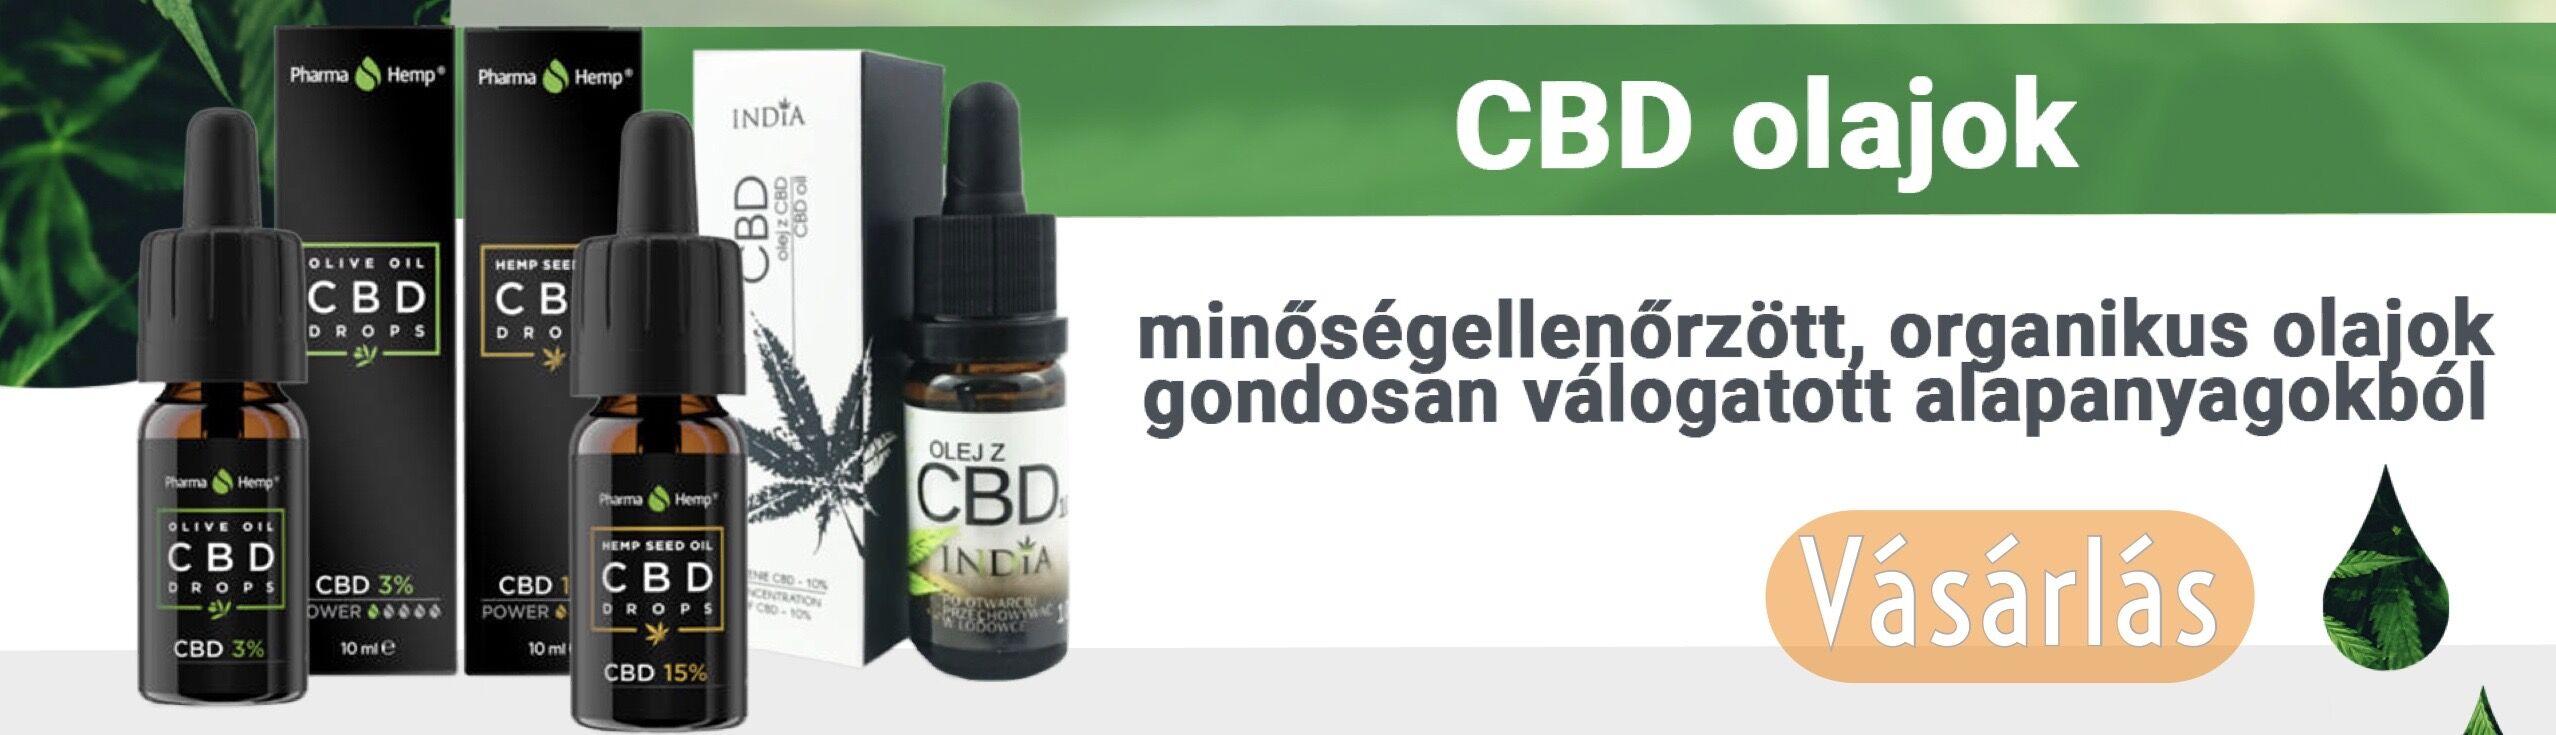 Tanulmány: A CBD csökkenti a vérnyomást   Magyar Orvosi Kannabisz Egyesület